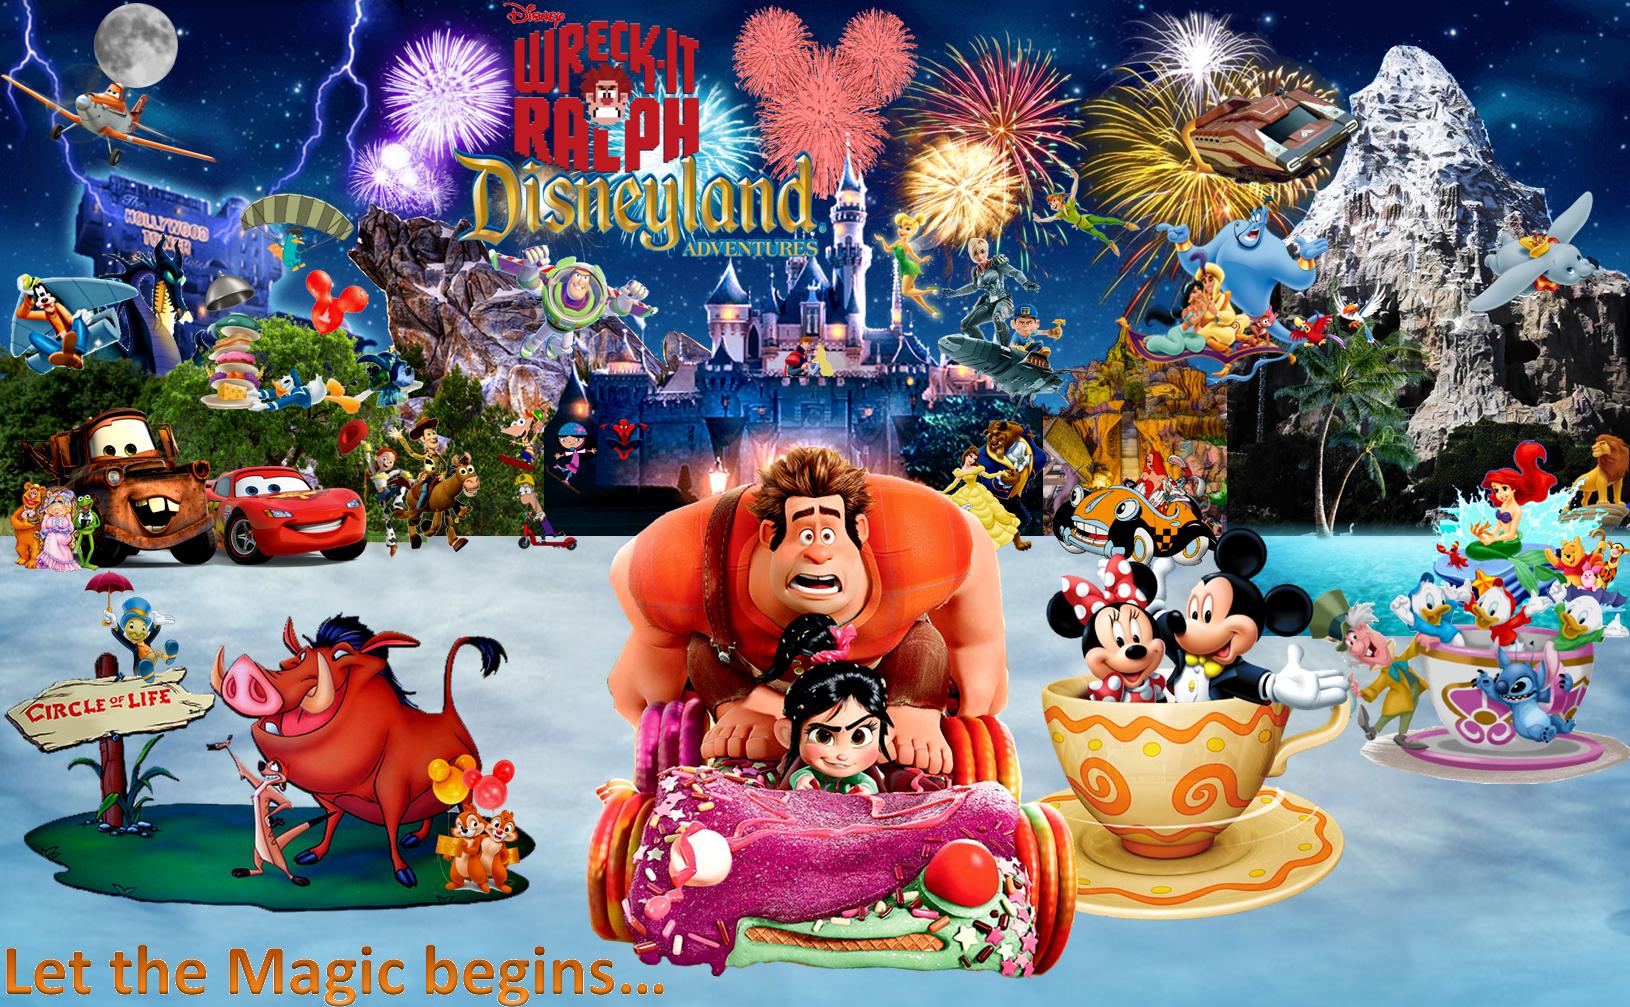 The poster of Wreck-It Ralph's Disneyland Adventures.